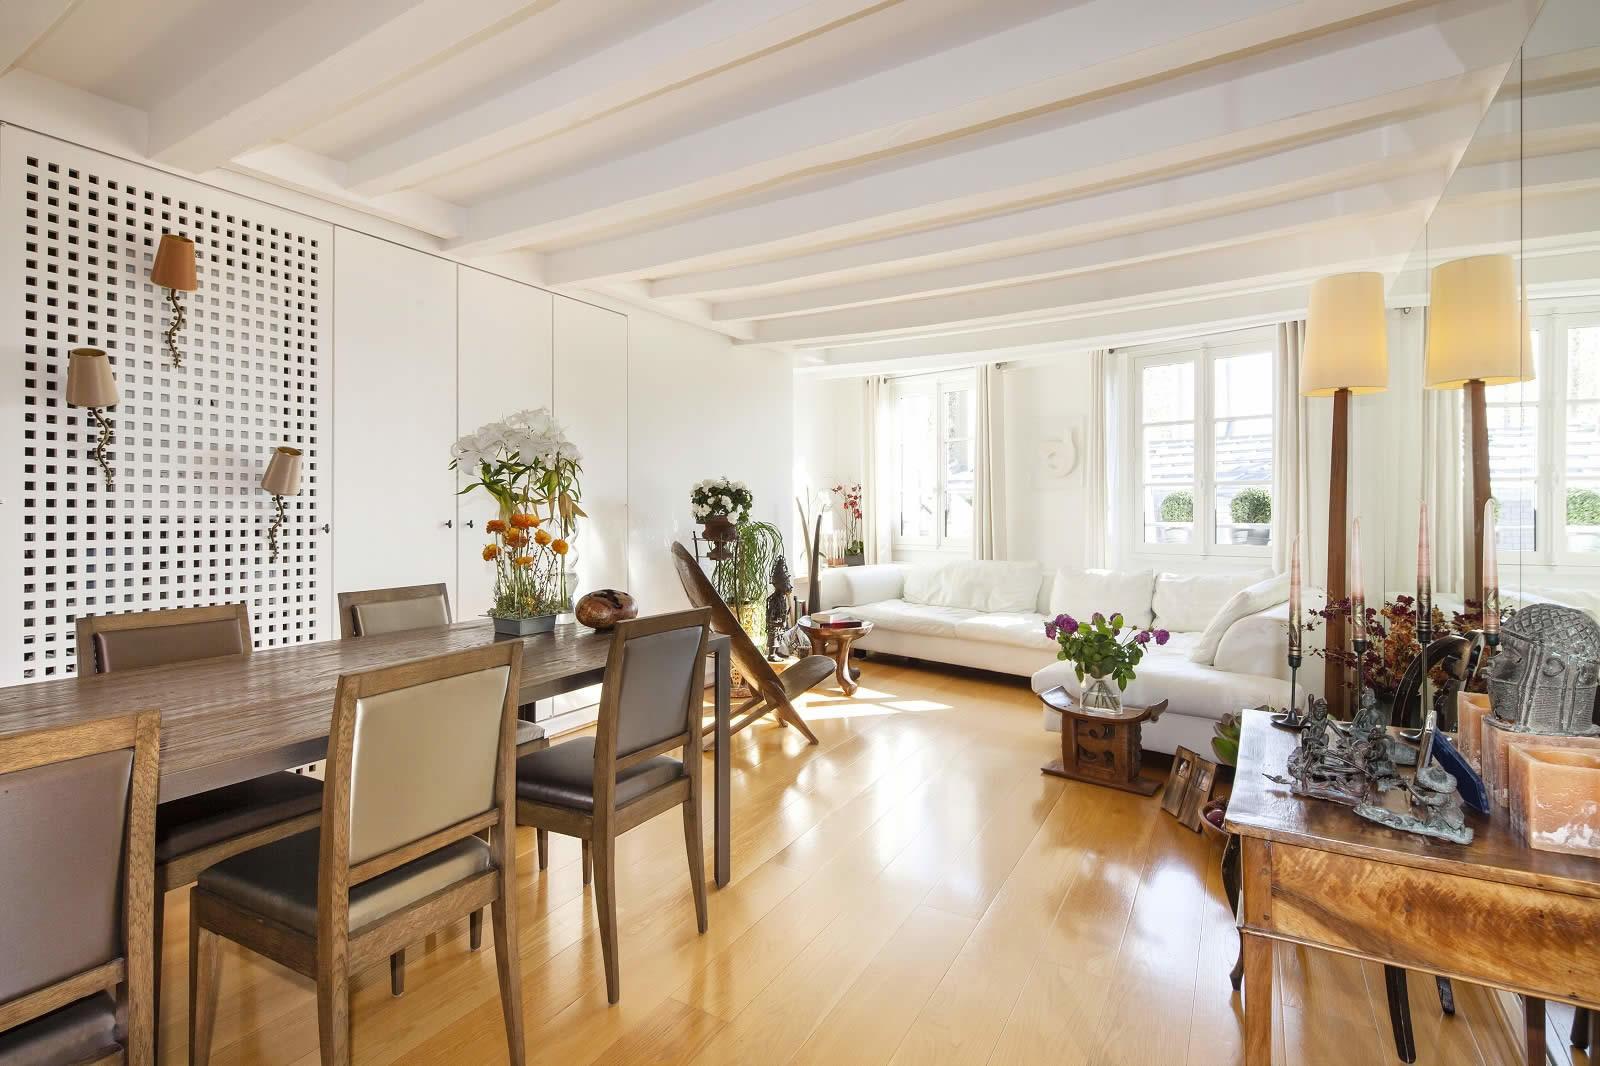 duplex-a-vendre-sous-toits-lumineux-terrasse